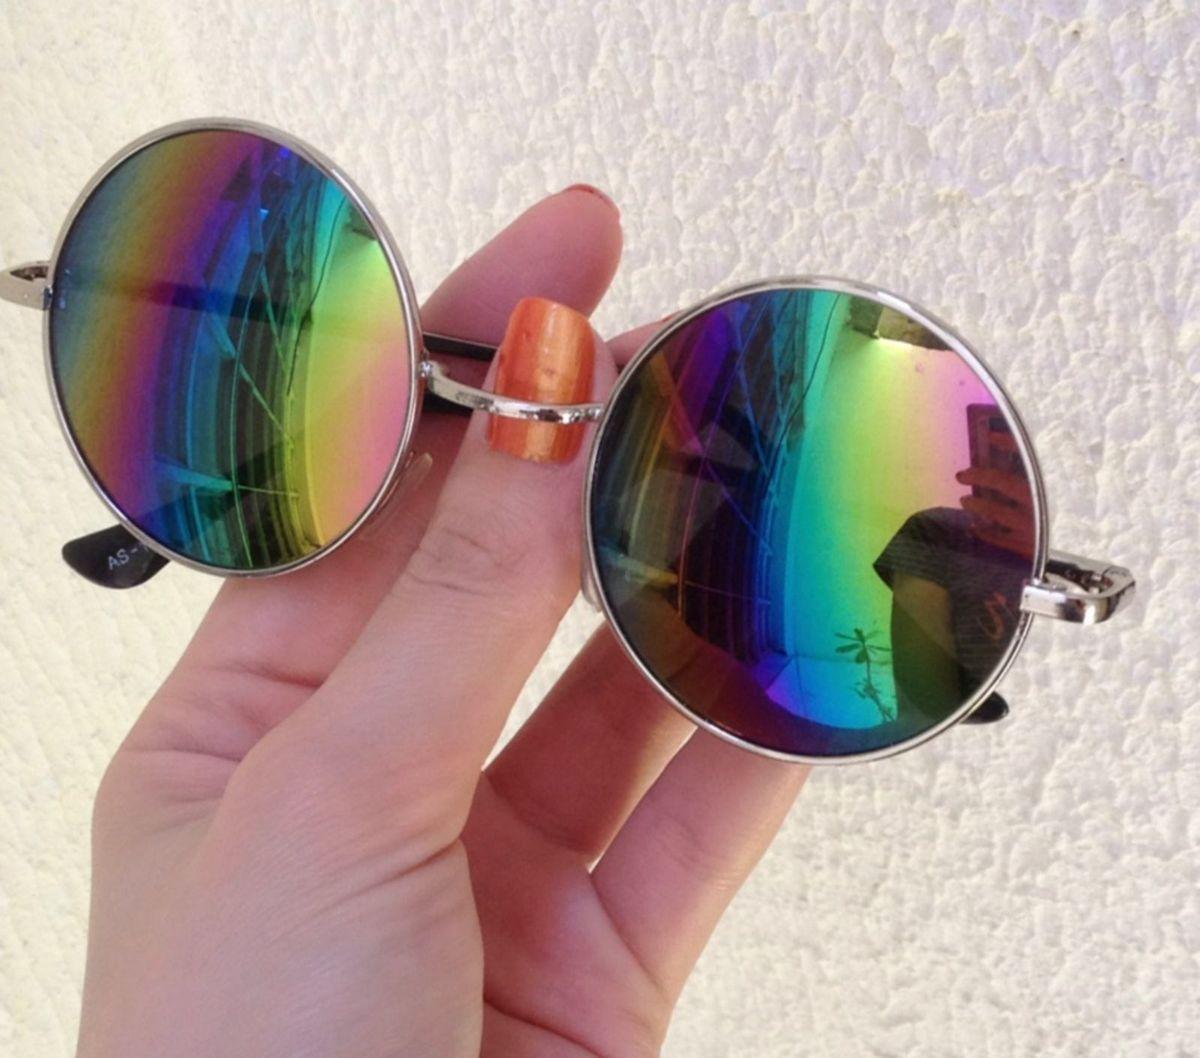 óculos arco iris - óculos sem marca.  Czm6ly9wag90b3muzw5qb2vplmnvbs5ici9wcm9kdwn0cy80nzuxmtm1lzziymm4mjrmzmm0zmfmmgu2zdvjyzizmwy4zwvlowuwlmpwzw a5bd1271b7